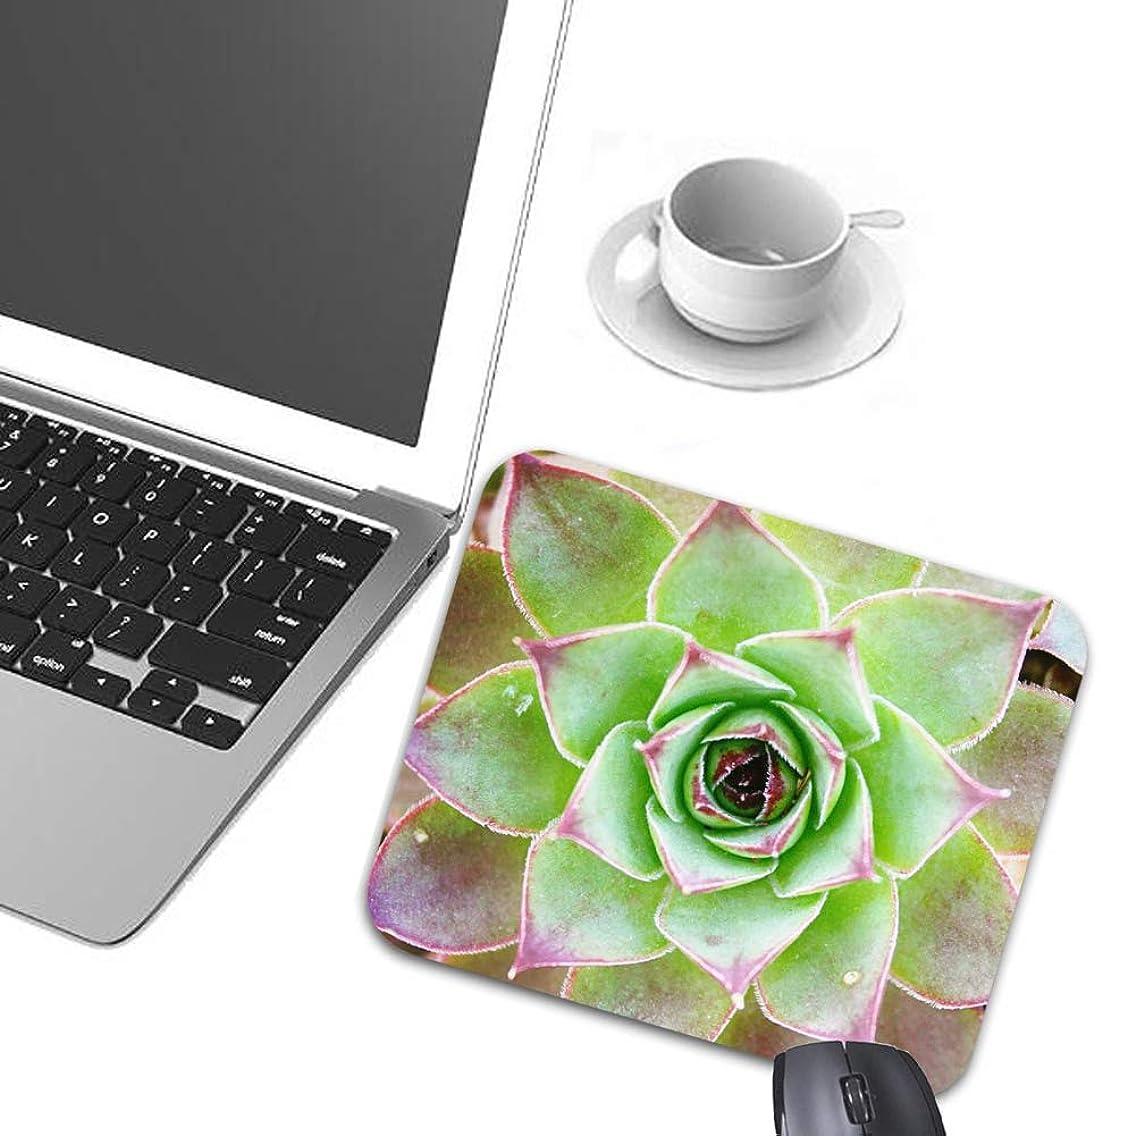 Mouse Pads Succulents Bouquet Natural Mouse Mat Game Office Accessory Desktop